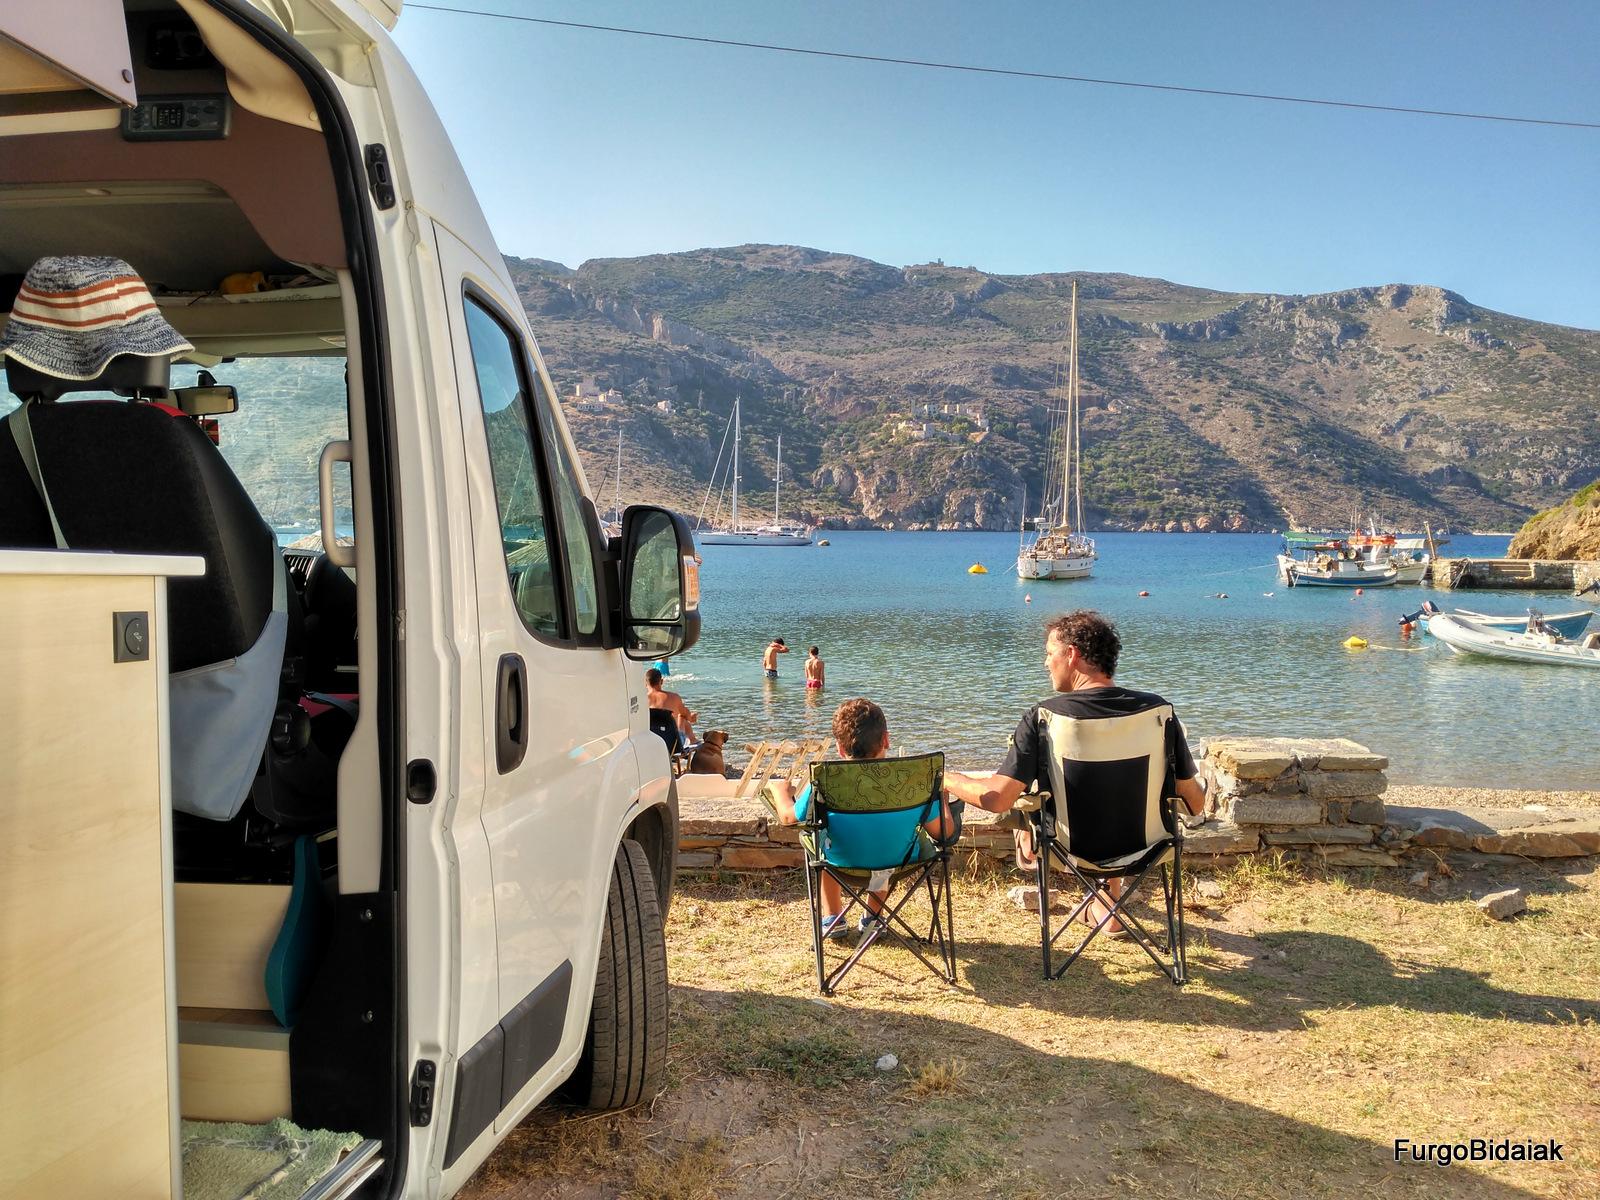 Pernocta libre autocaravana, consejos para viajar a Grecia